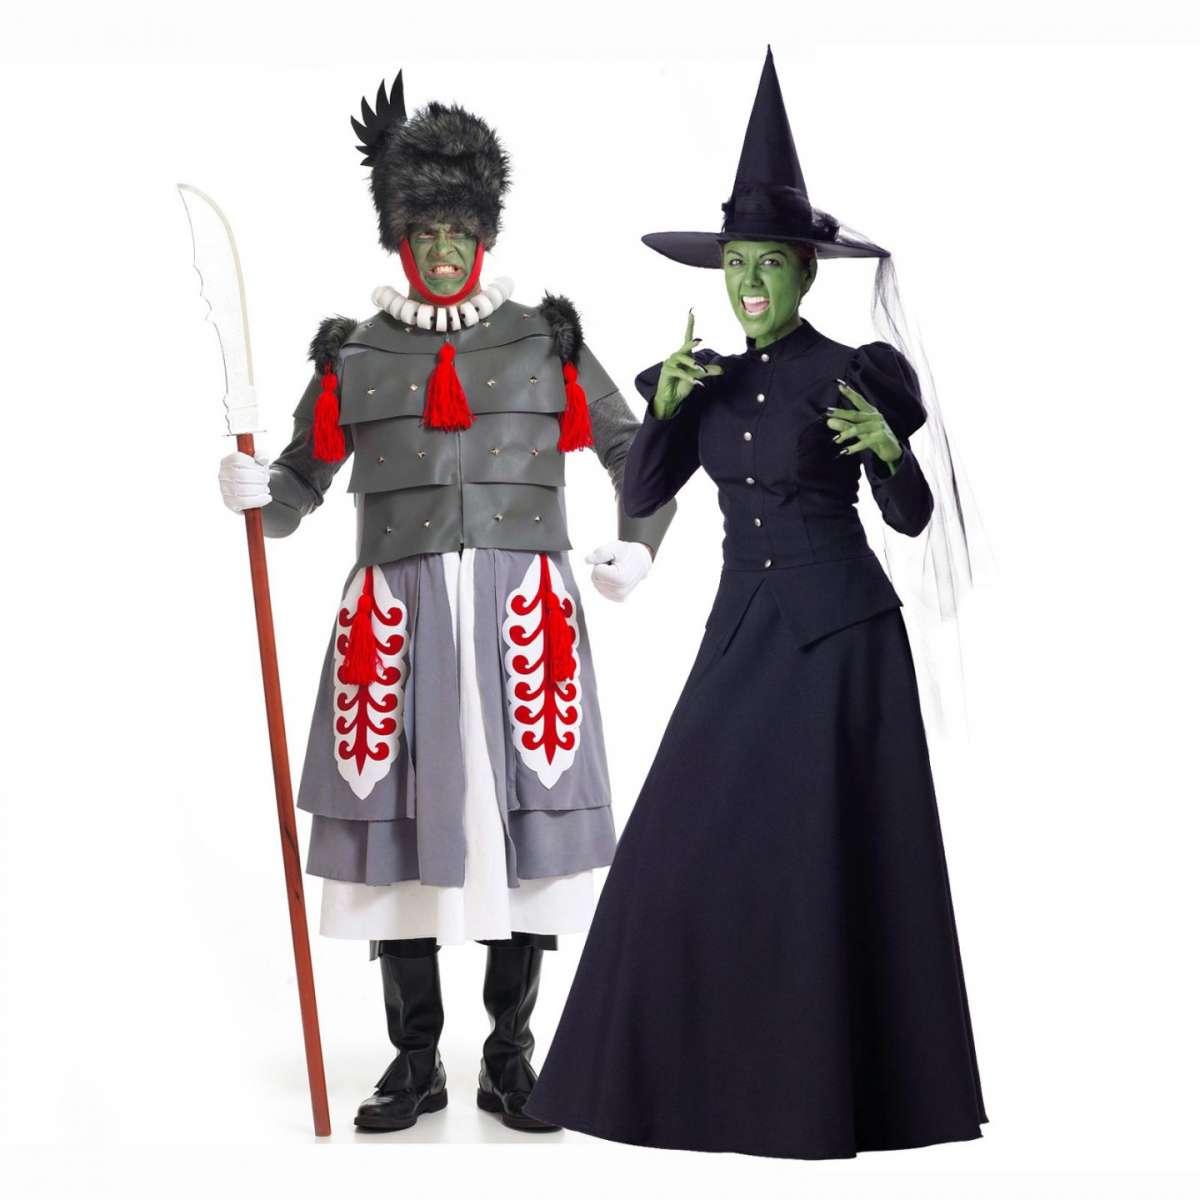 Costumi ispirati al Mago di Oz